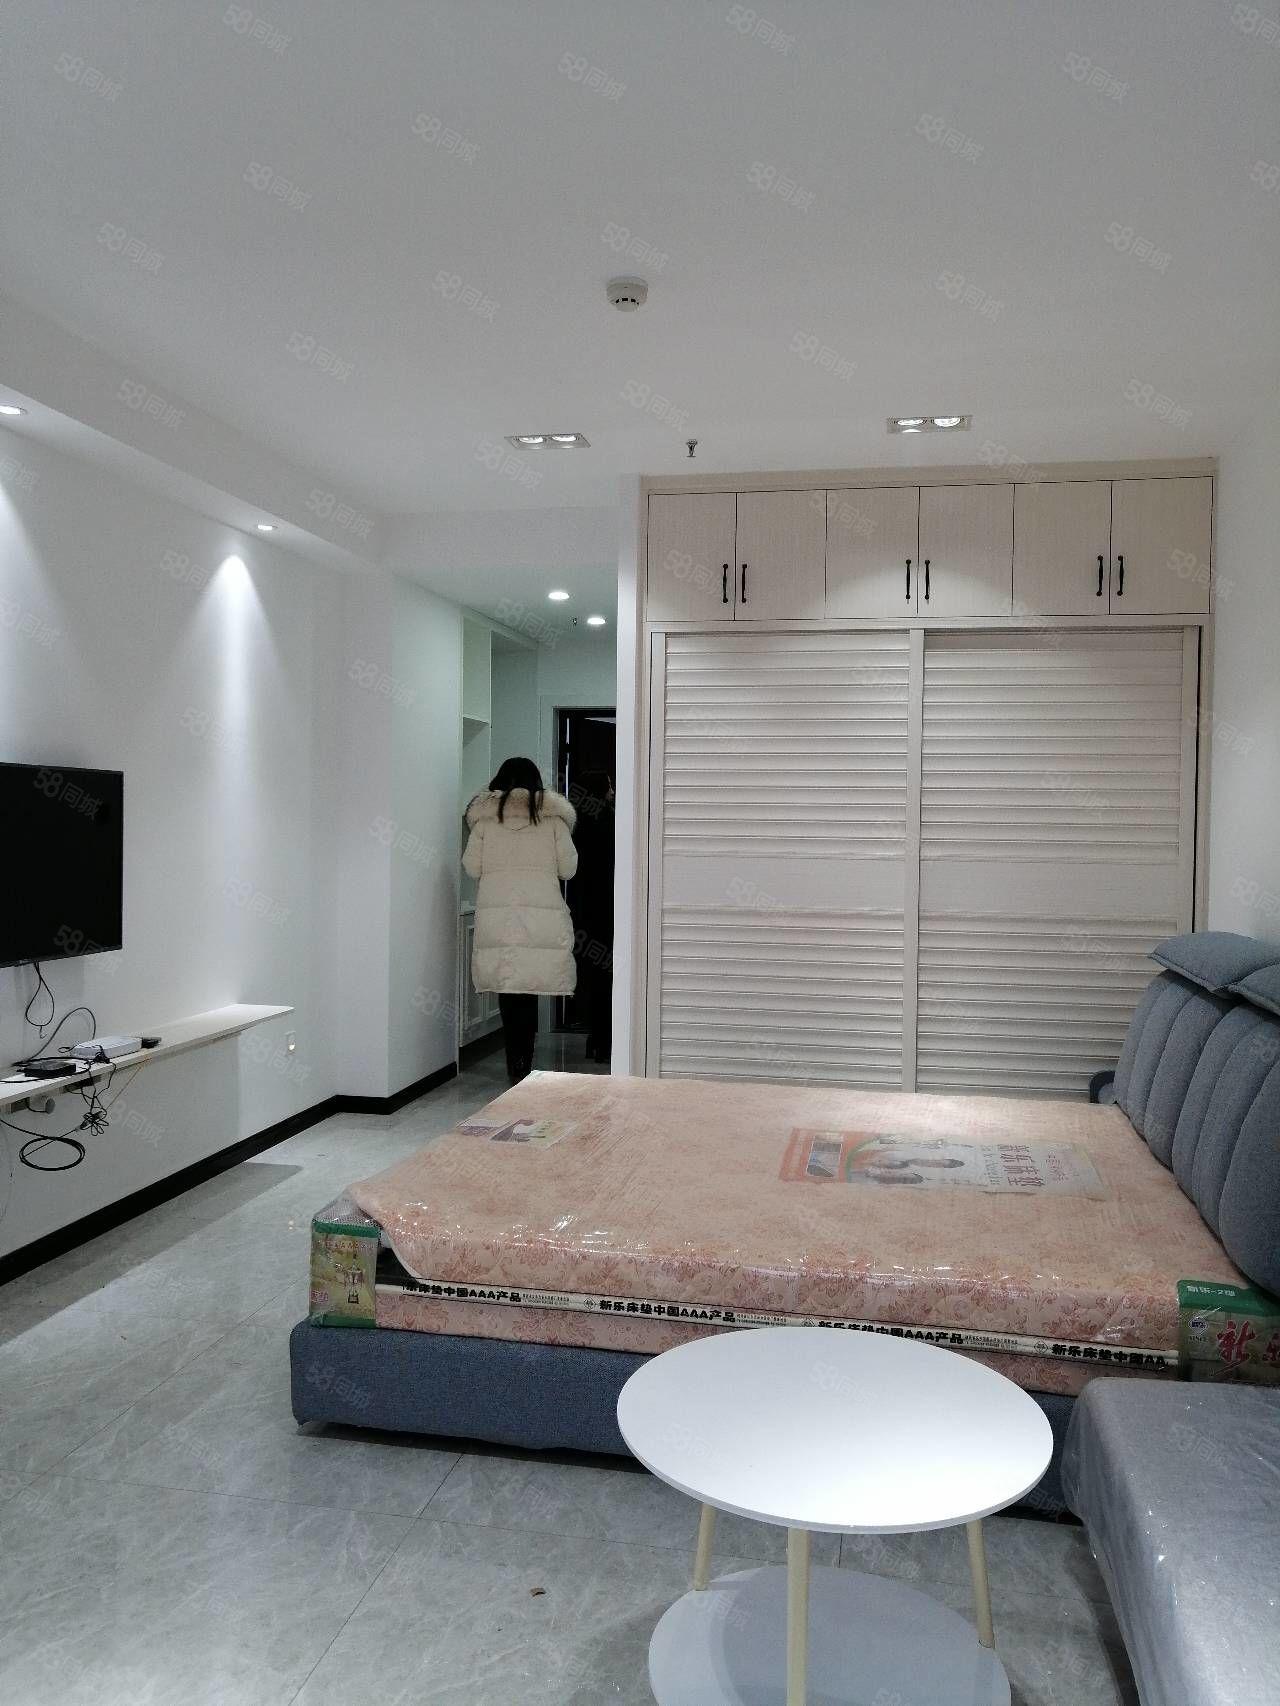 盛世国际电梯公寓房,精装修家具家电齐全拎包入住,带暖气